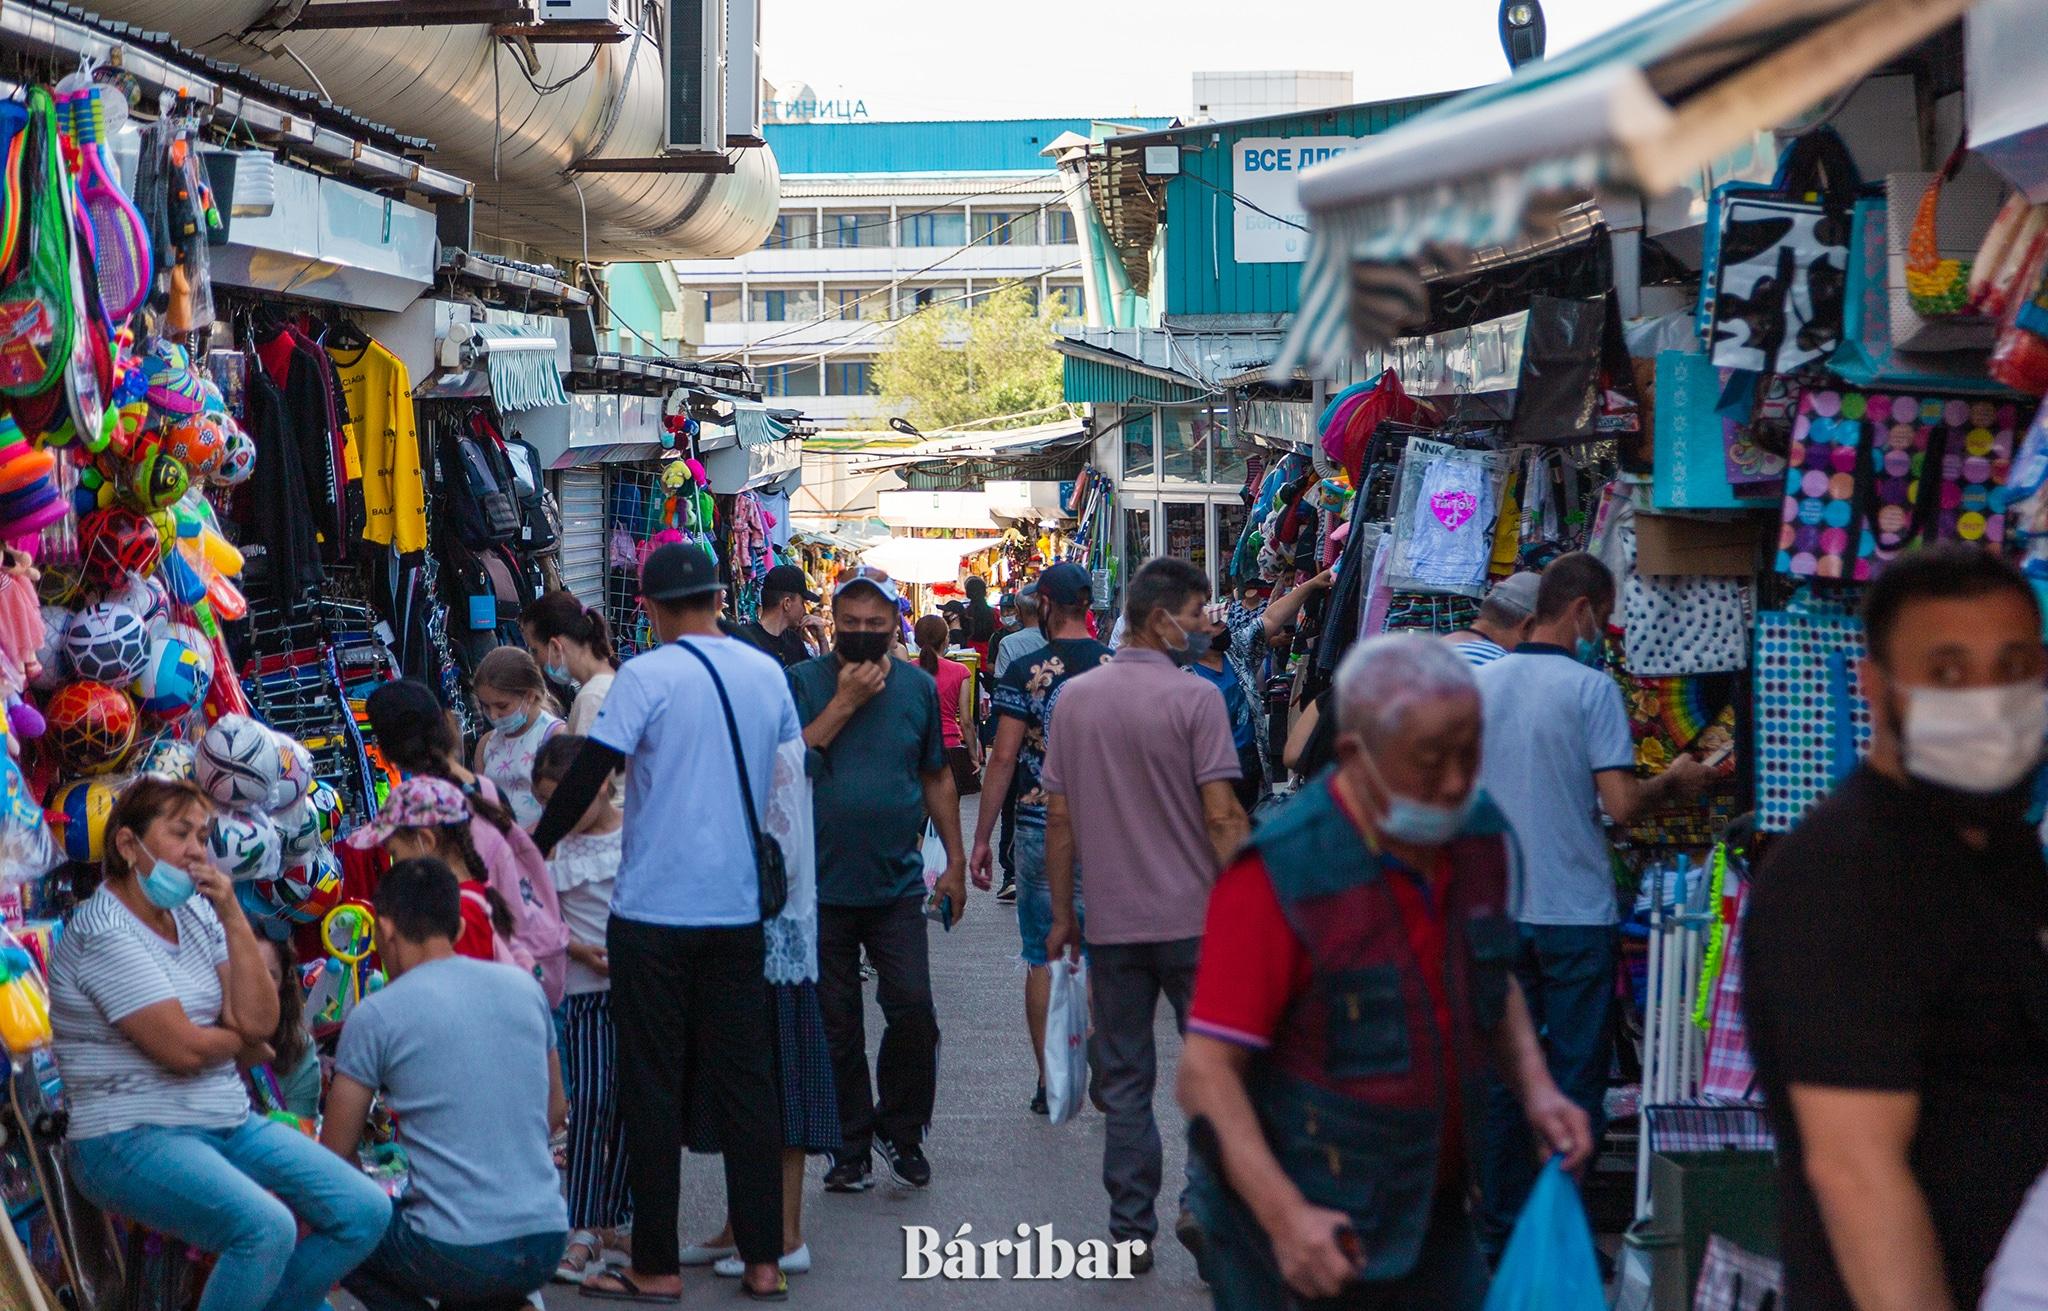 населения, рынок, базар, люди